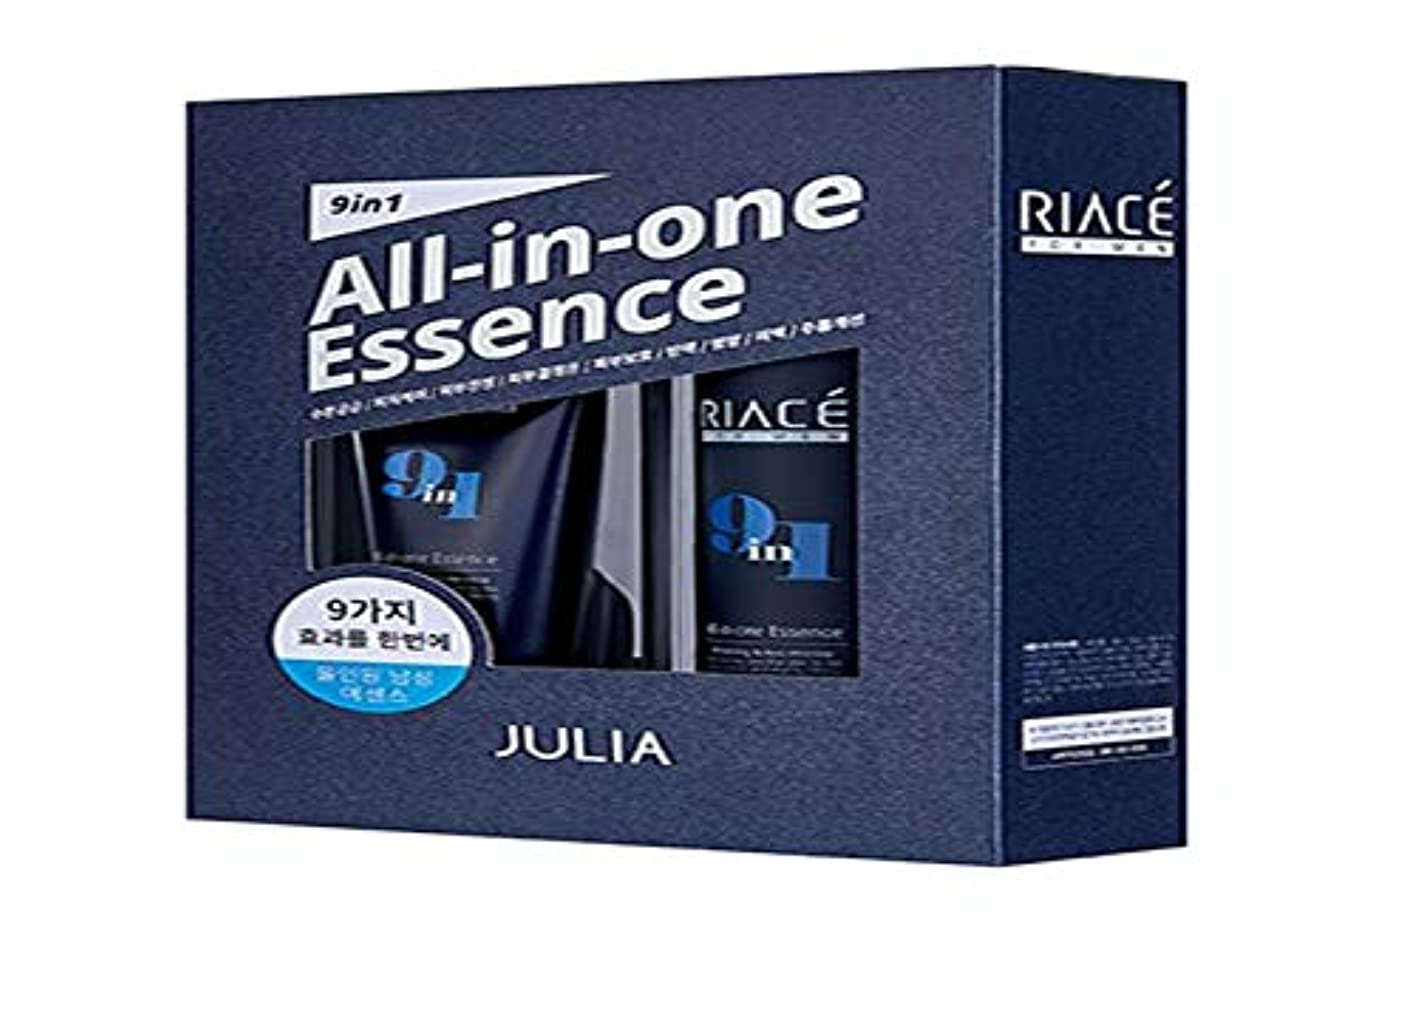 現れる評価田舎Korean Cosmetics Julia RIACE For men All-in-one Essence Perfection (Toner + Emulsion + Essence) 韓国化粧品ジュリア 男性用オールインワンエッセンスパーフェクトパーフェクト(トナー+エマルジョン+エッセンス) 男性エッセンス [並行輸入品]